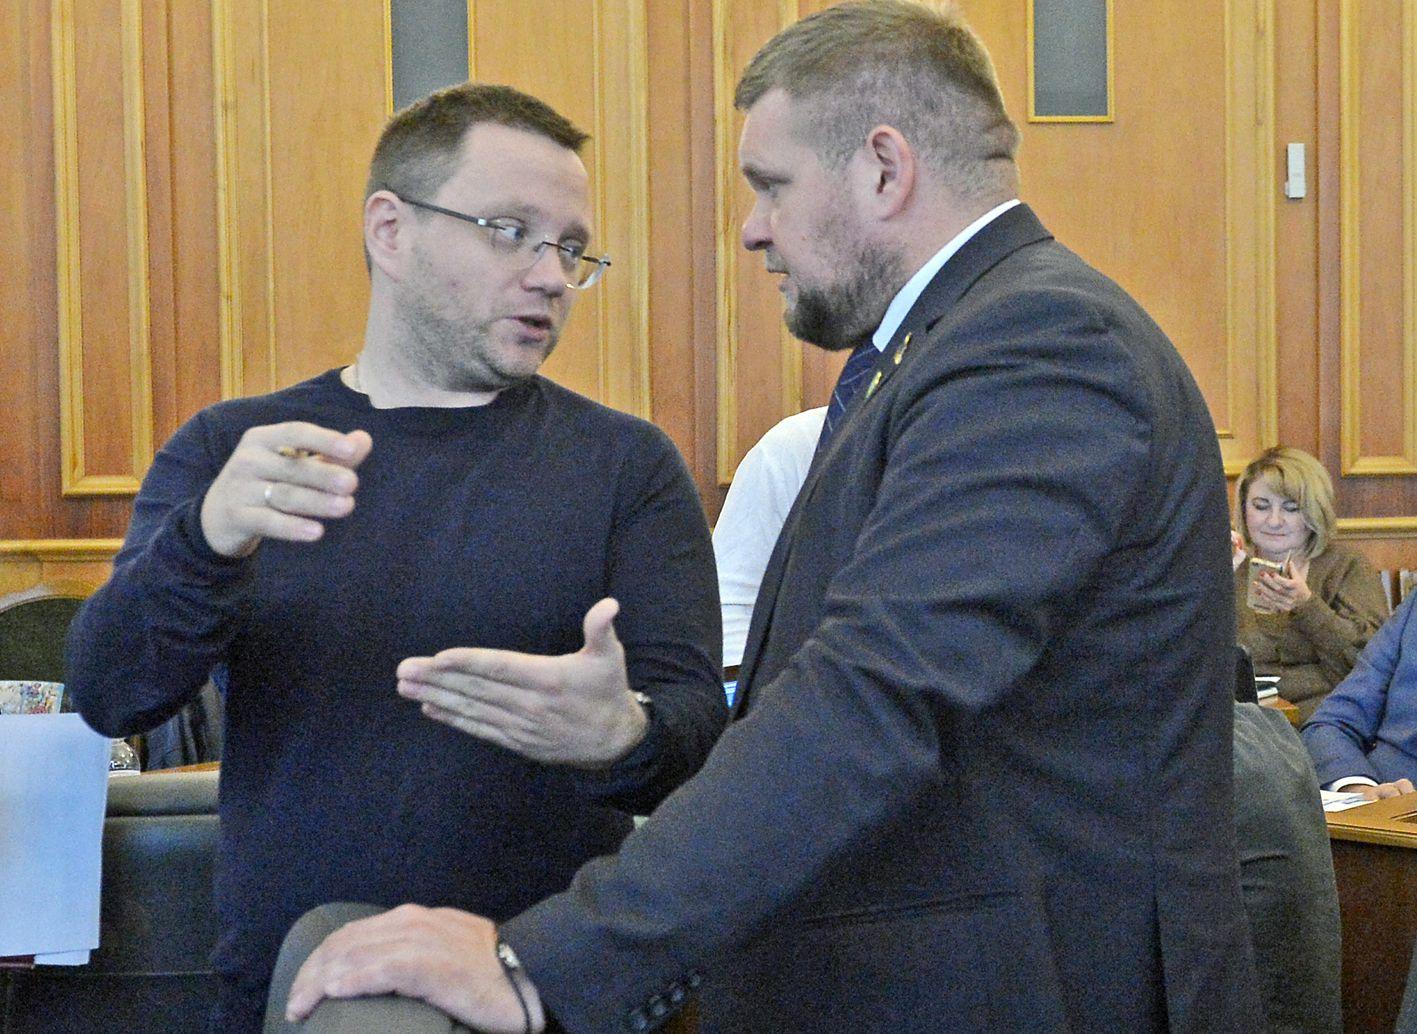 Андрій Клочко та Олег Дунда під час засідання